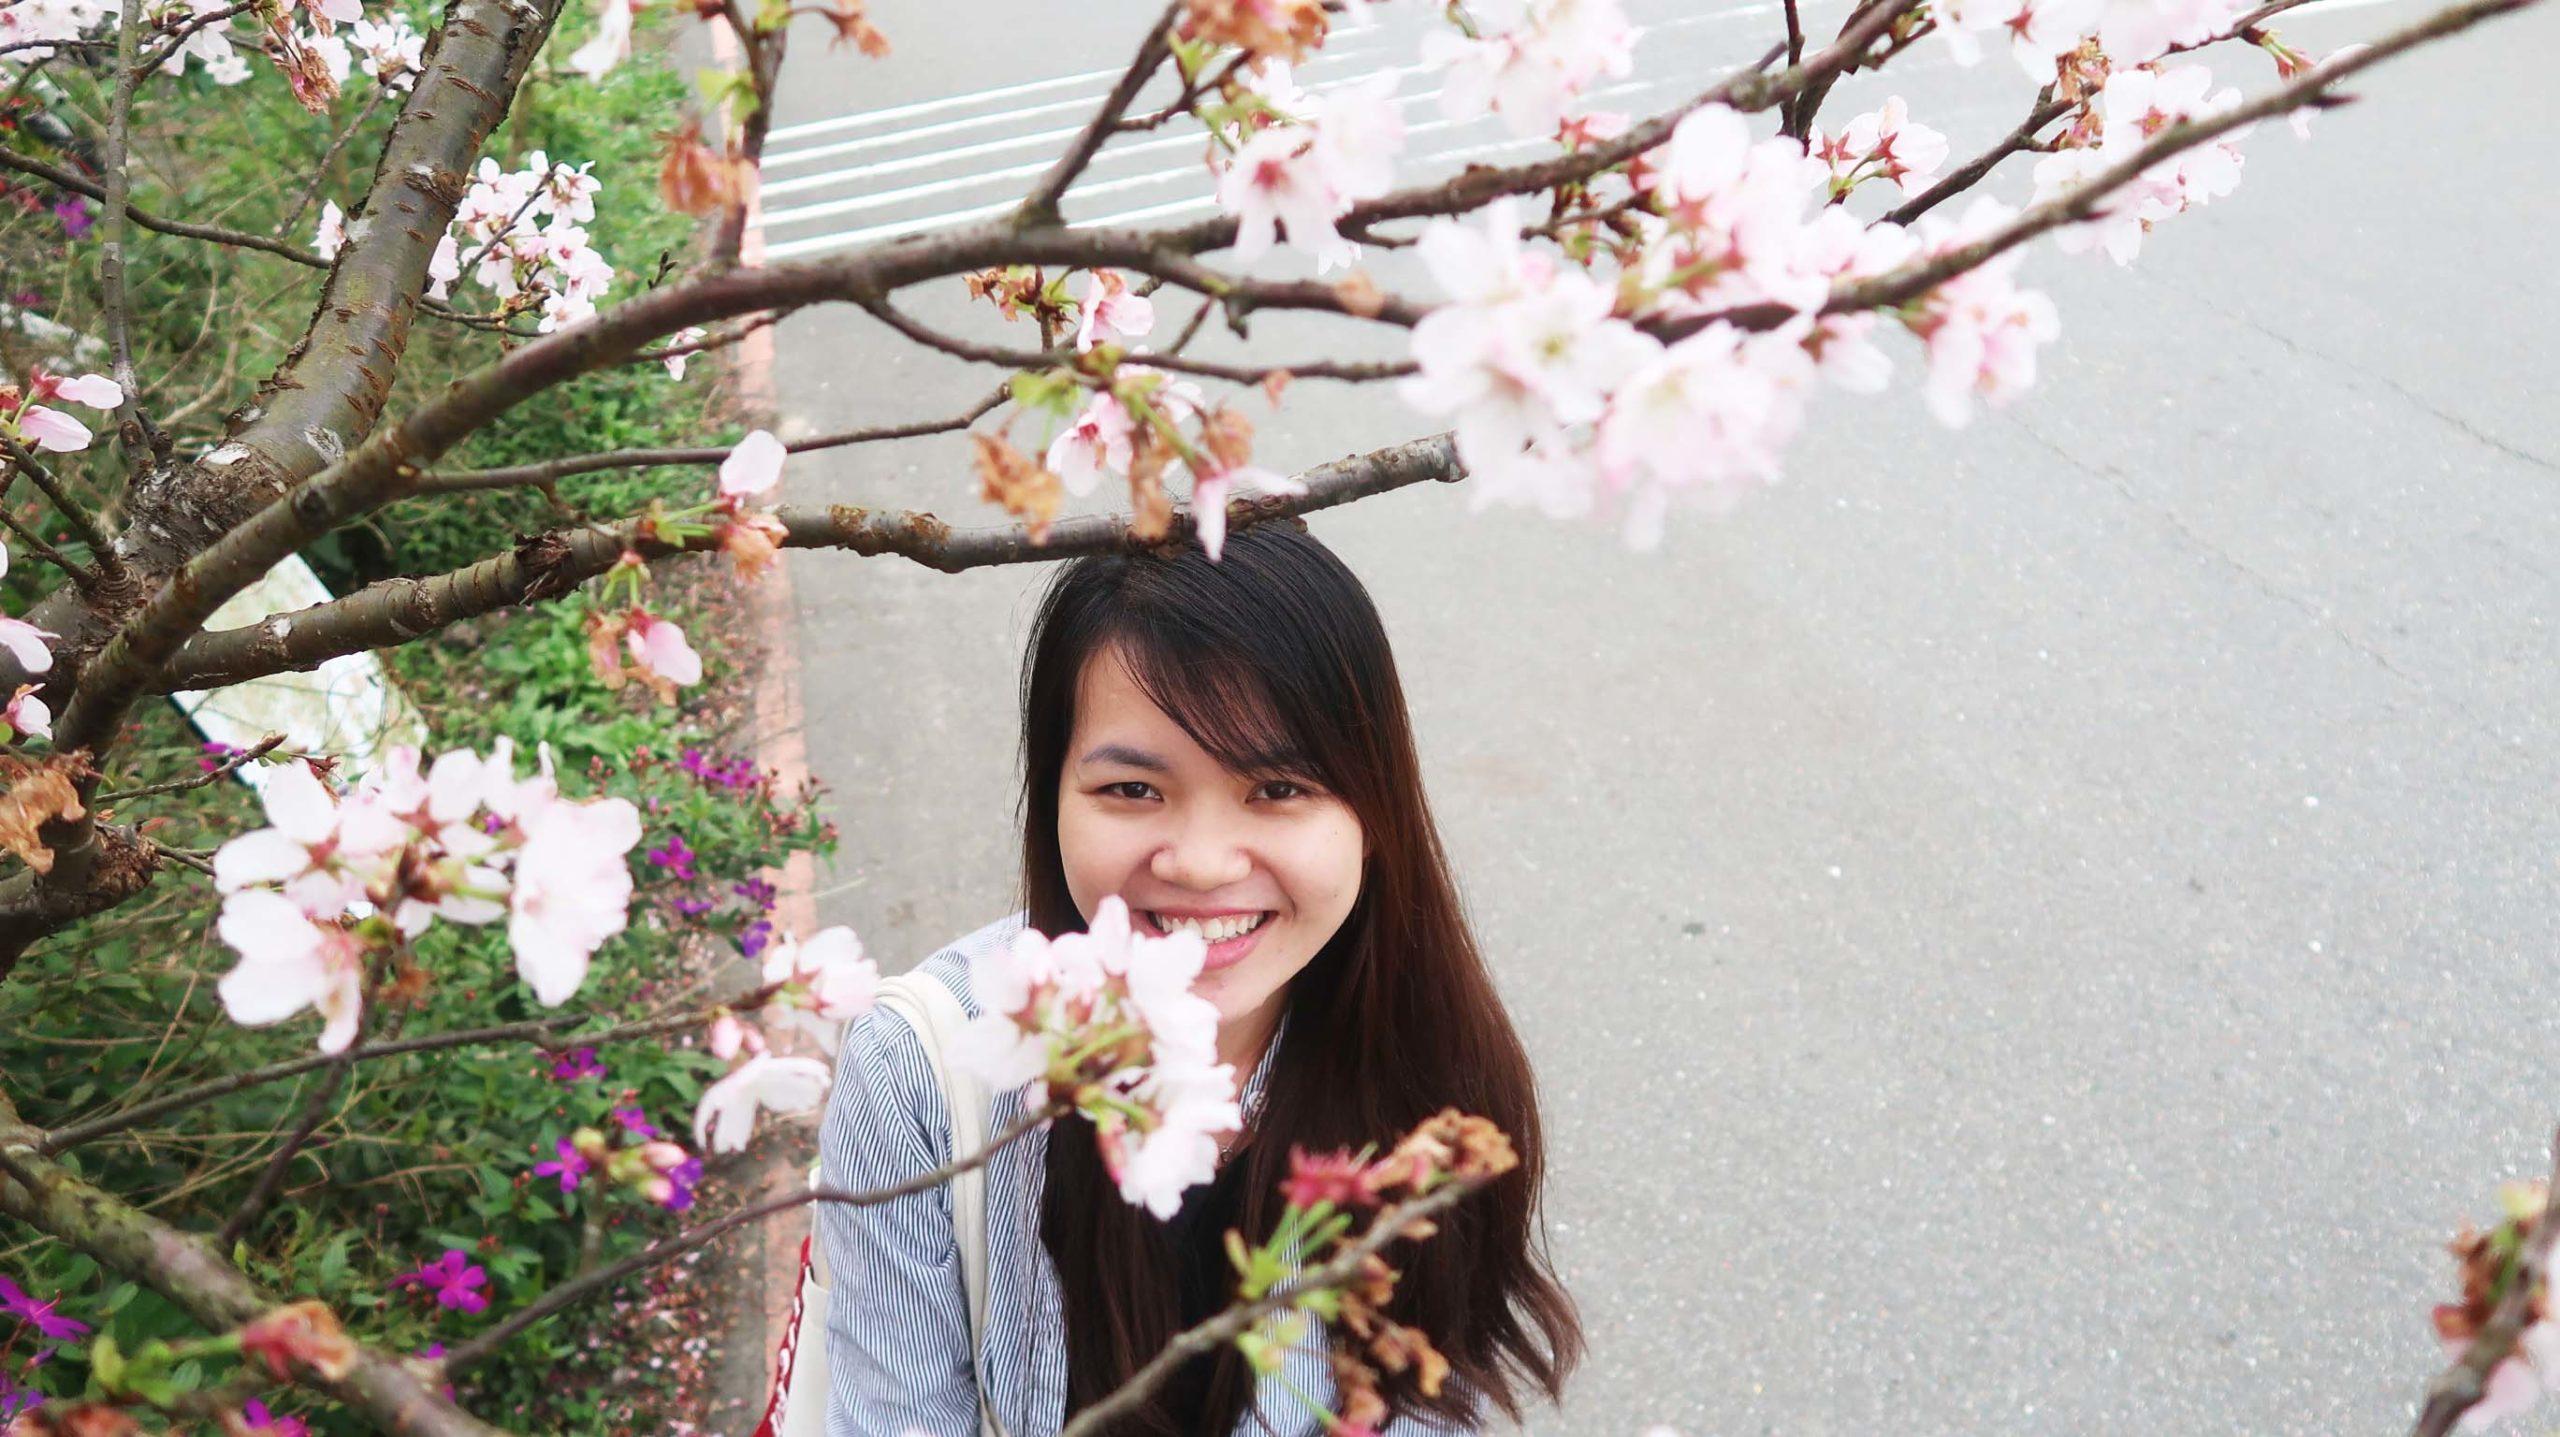 Ở nhờ nhà người bản xứ ở Đài Loan Couchsurfing và những câu chuyện cười ra nước mắt (Phần 3)